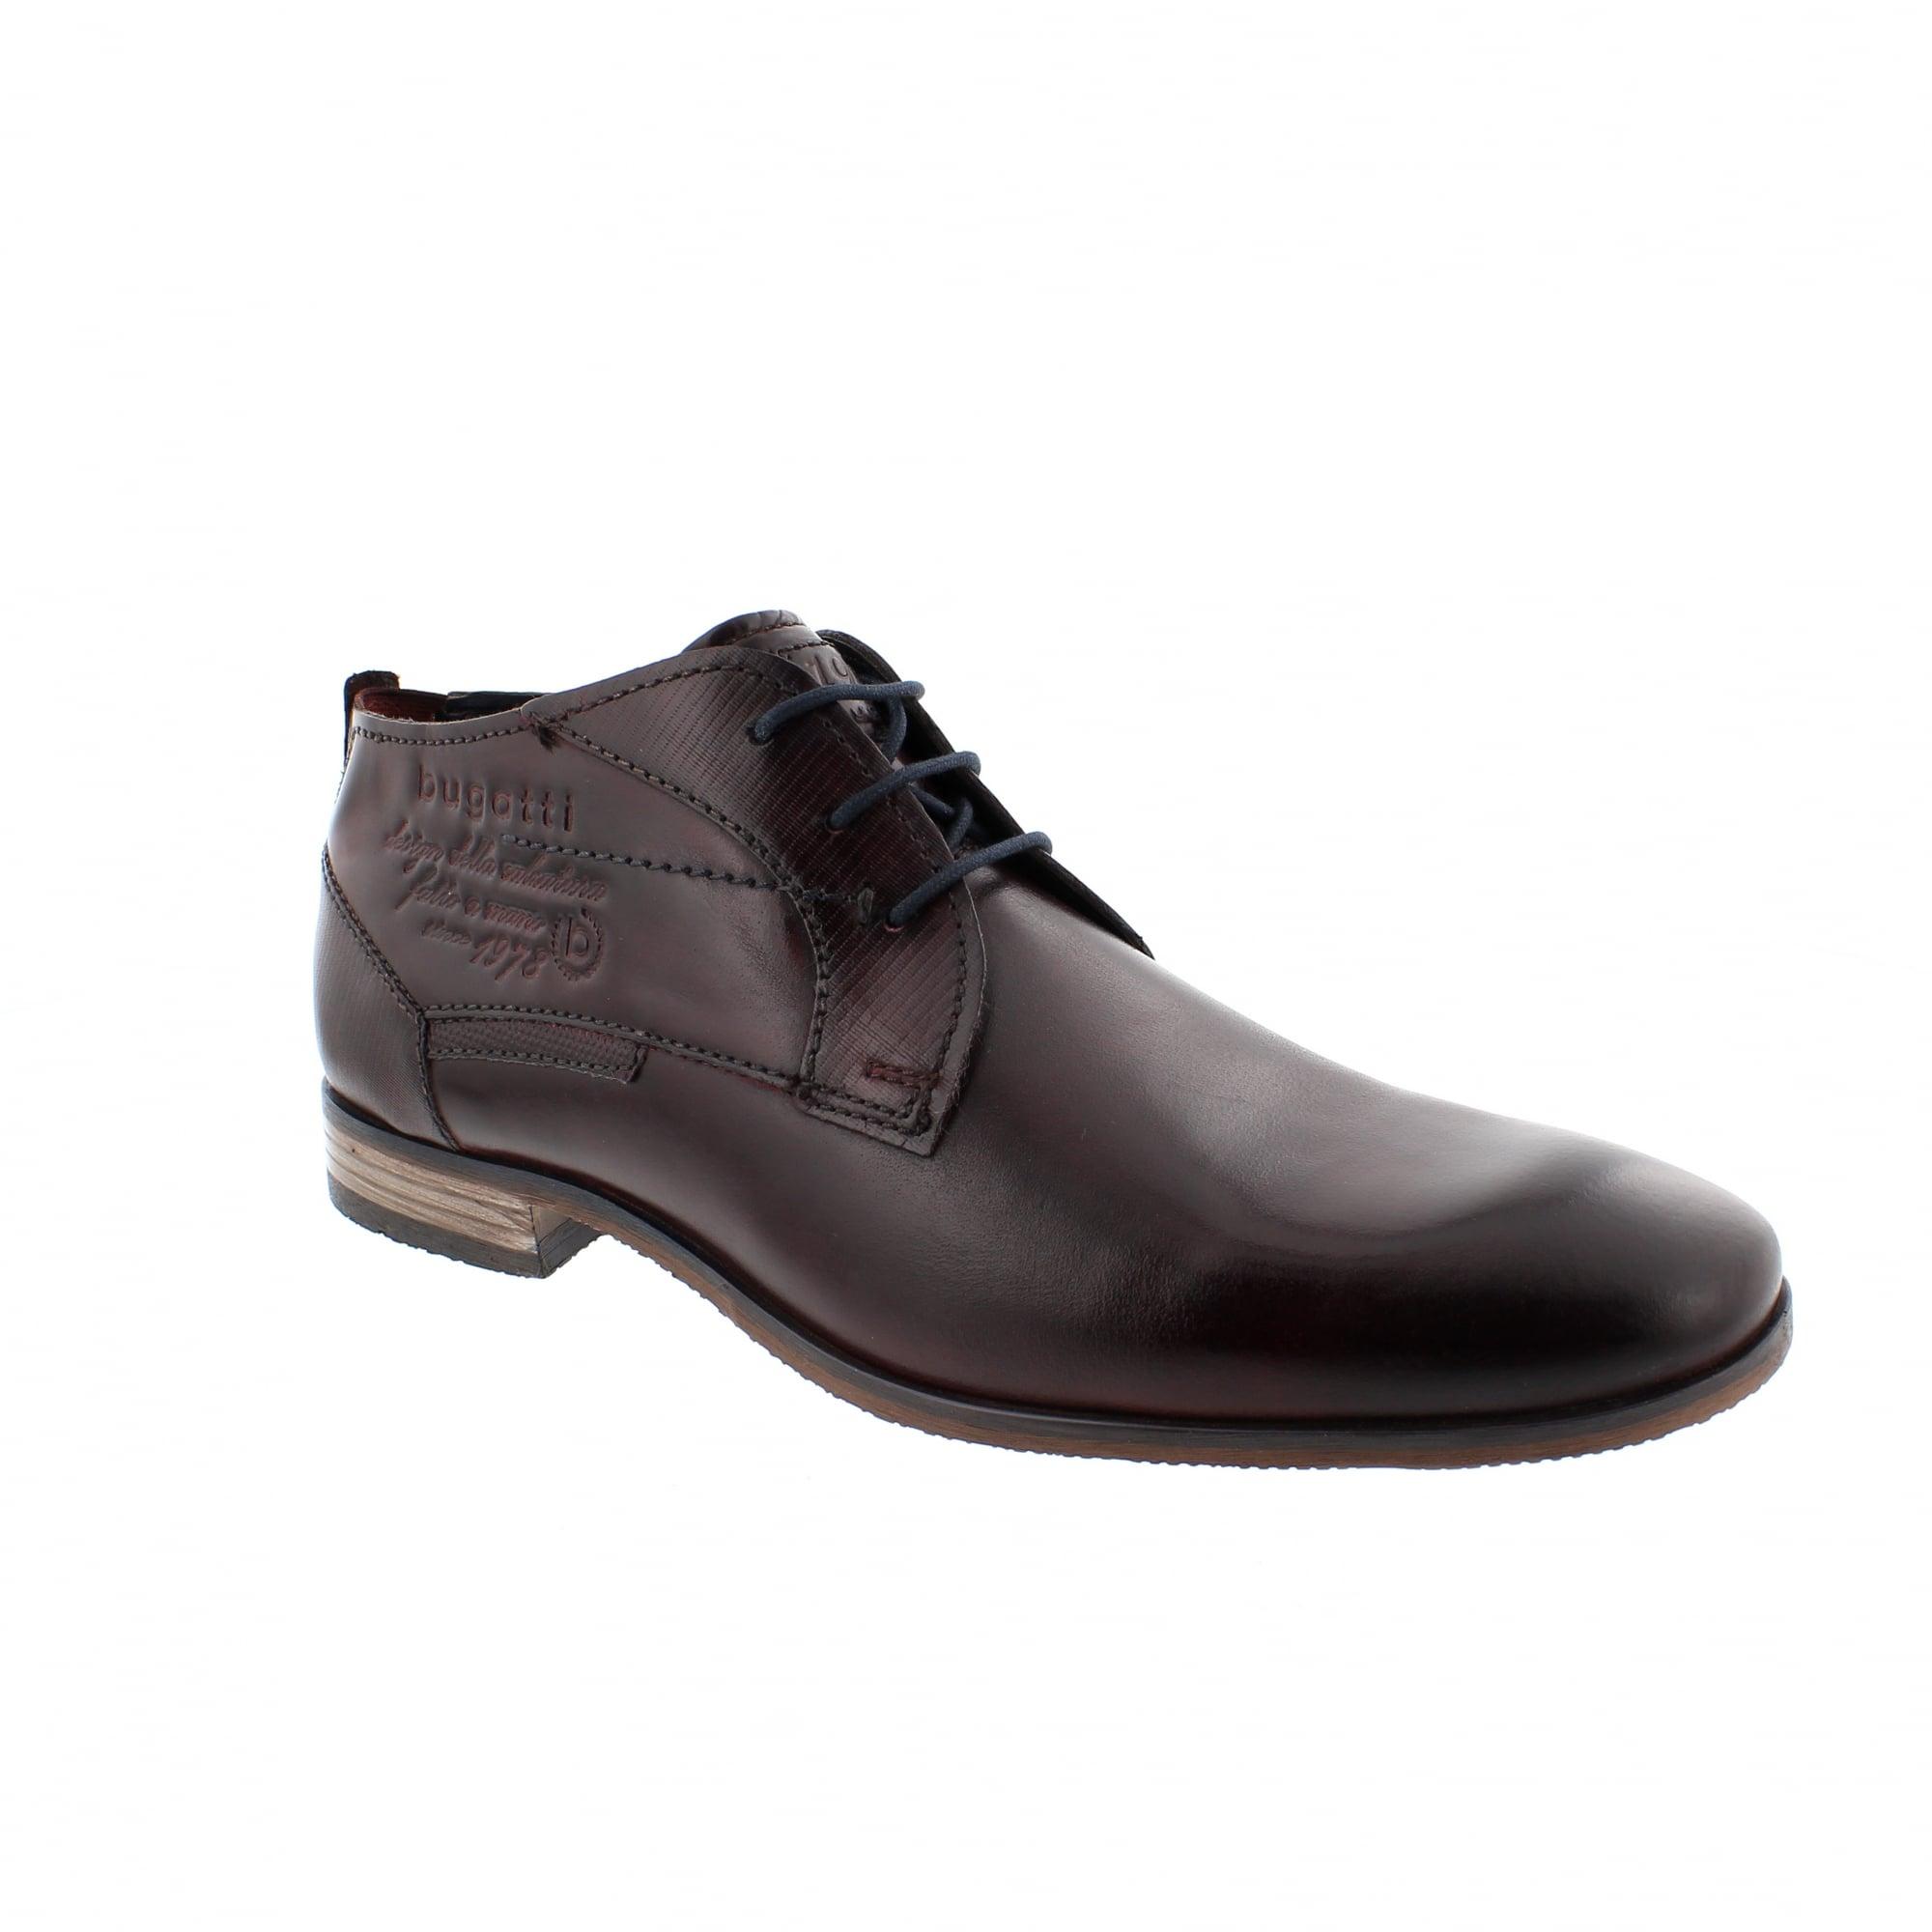 38a940ca787e5 Bugatti Refito 311-15104-2500-3500 Mens Ankle Boots | Rogerson Shoes